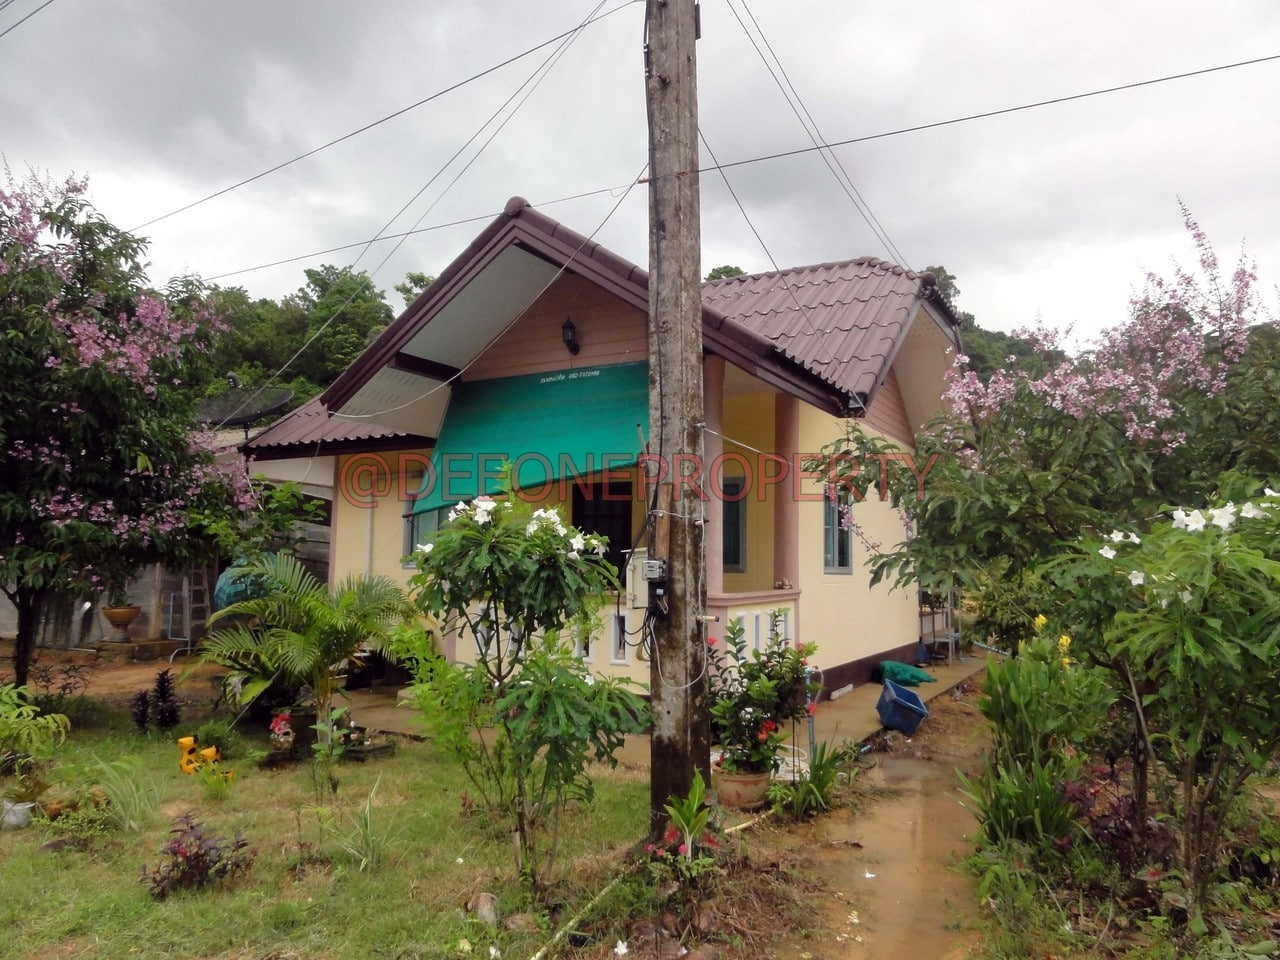 Maison charmante 2 chambres louer klong prao koh chang - Maison 2 chambres a louer ...